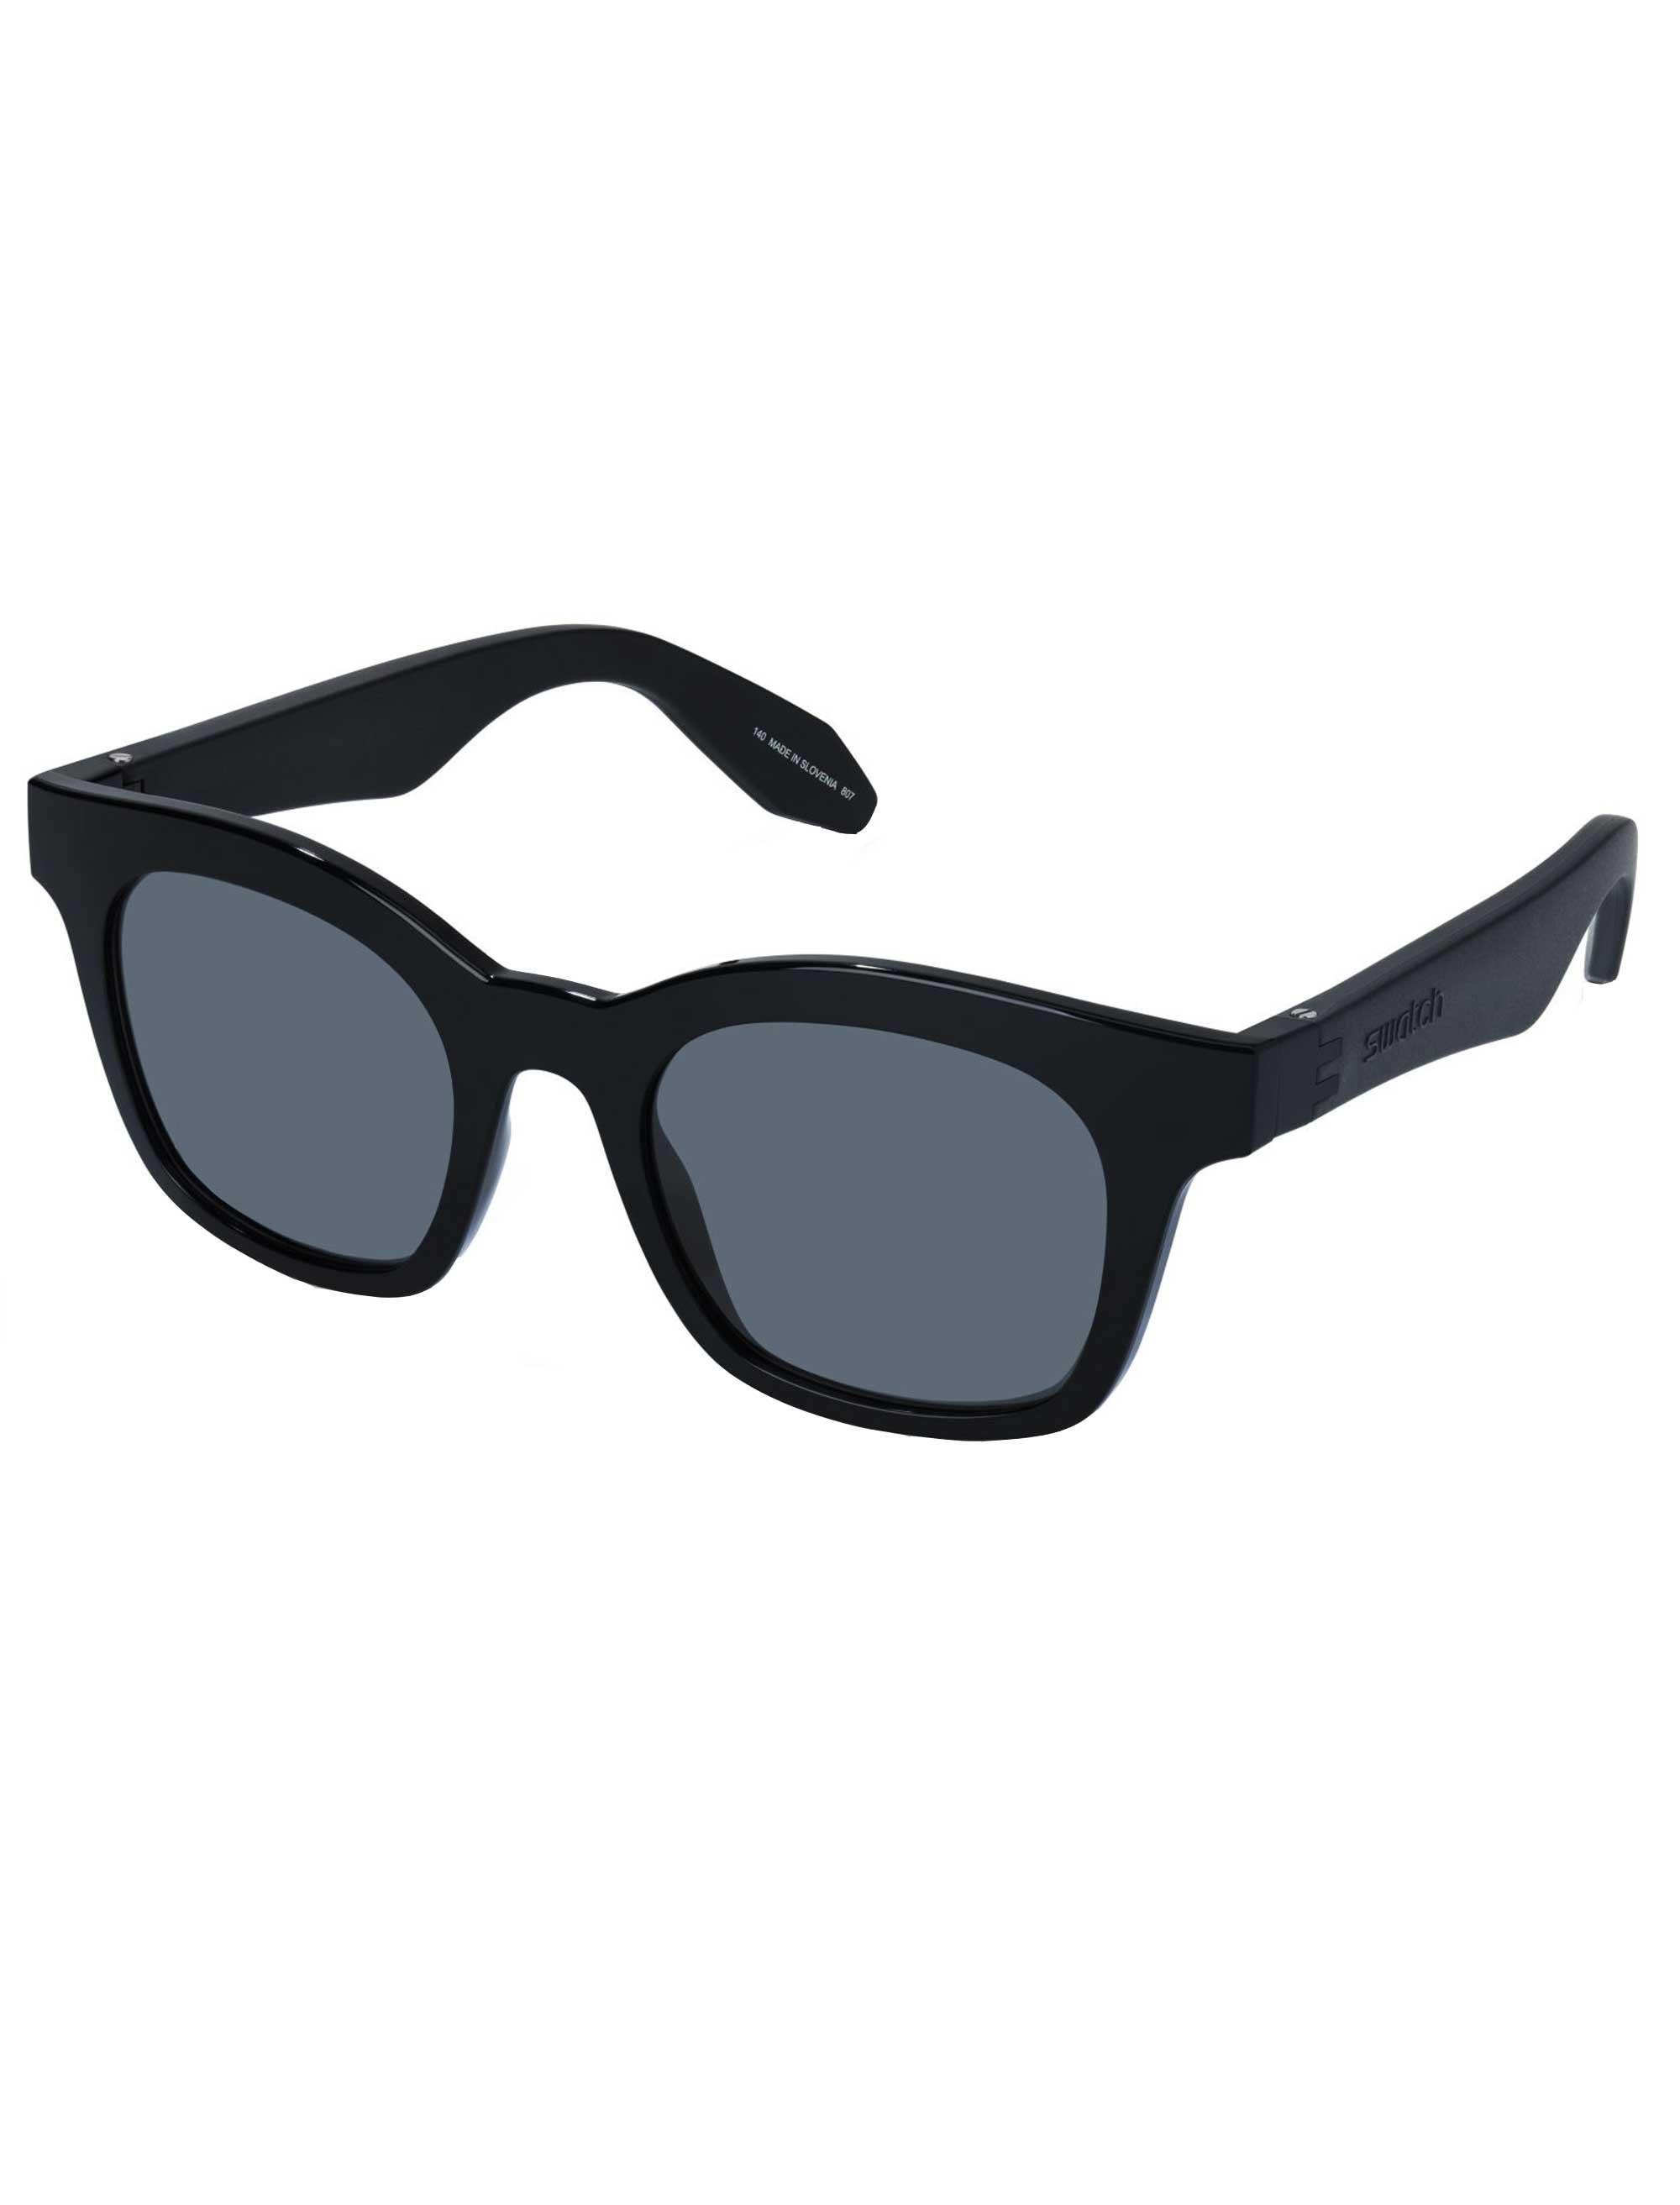 عینک آفتابی سواچ مدل SES02SMB025